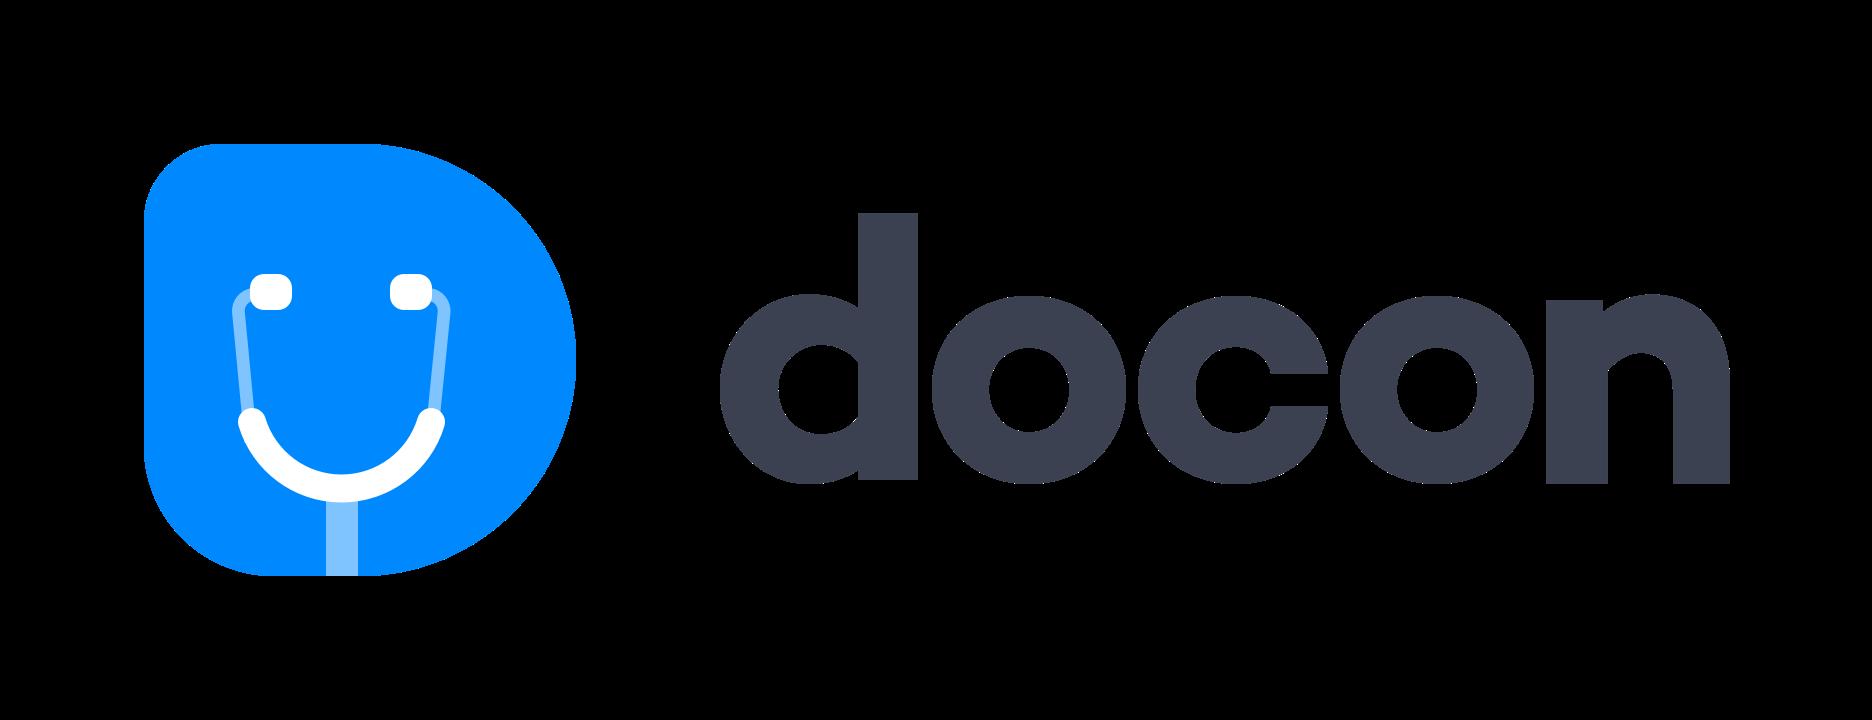 logomark-copy@2x